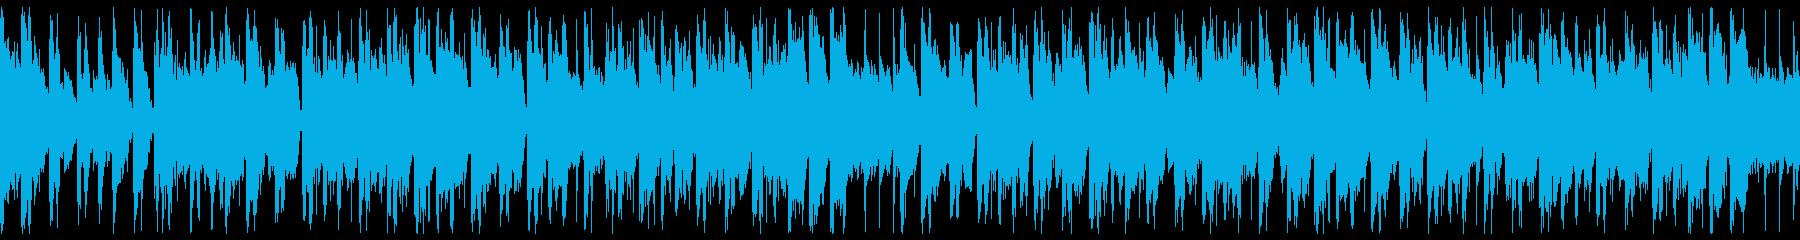 情熱的なラテン系のBGMです。の再生済みの波形